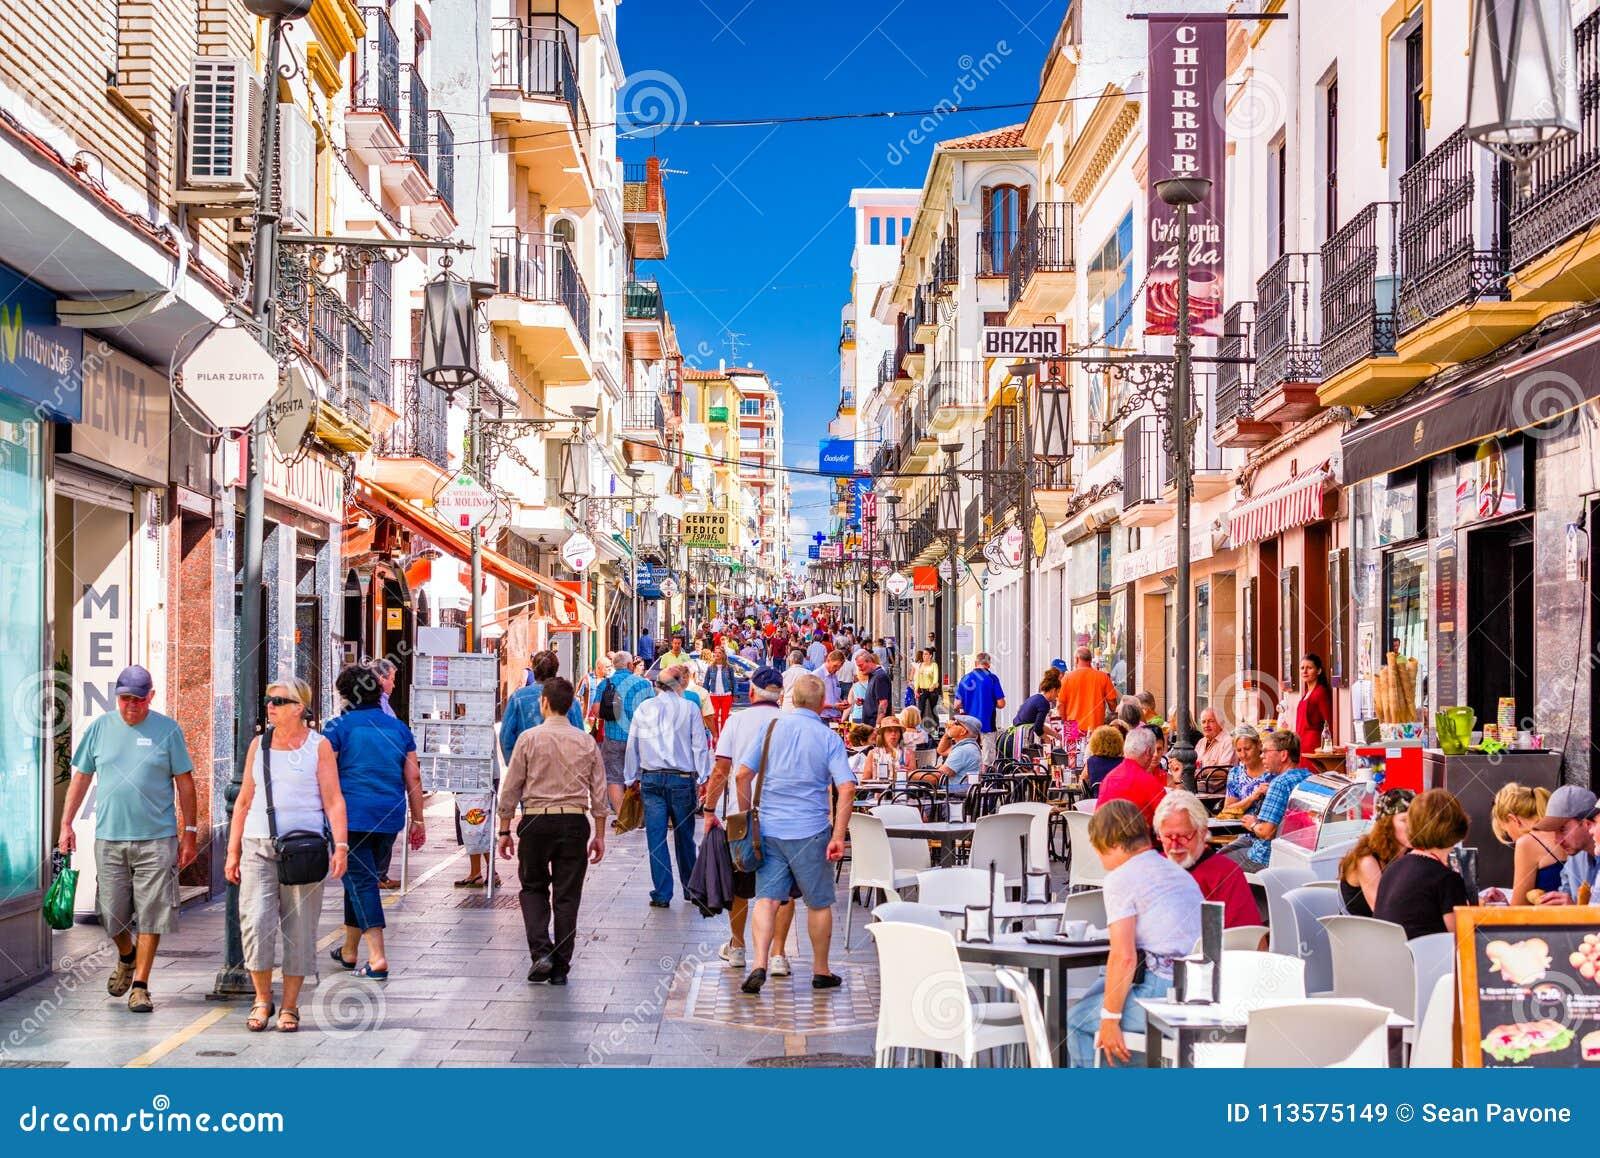 FILA negozi in Spagna | SHOPenauer